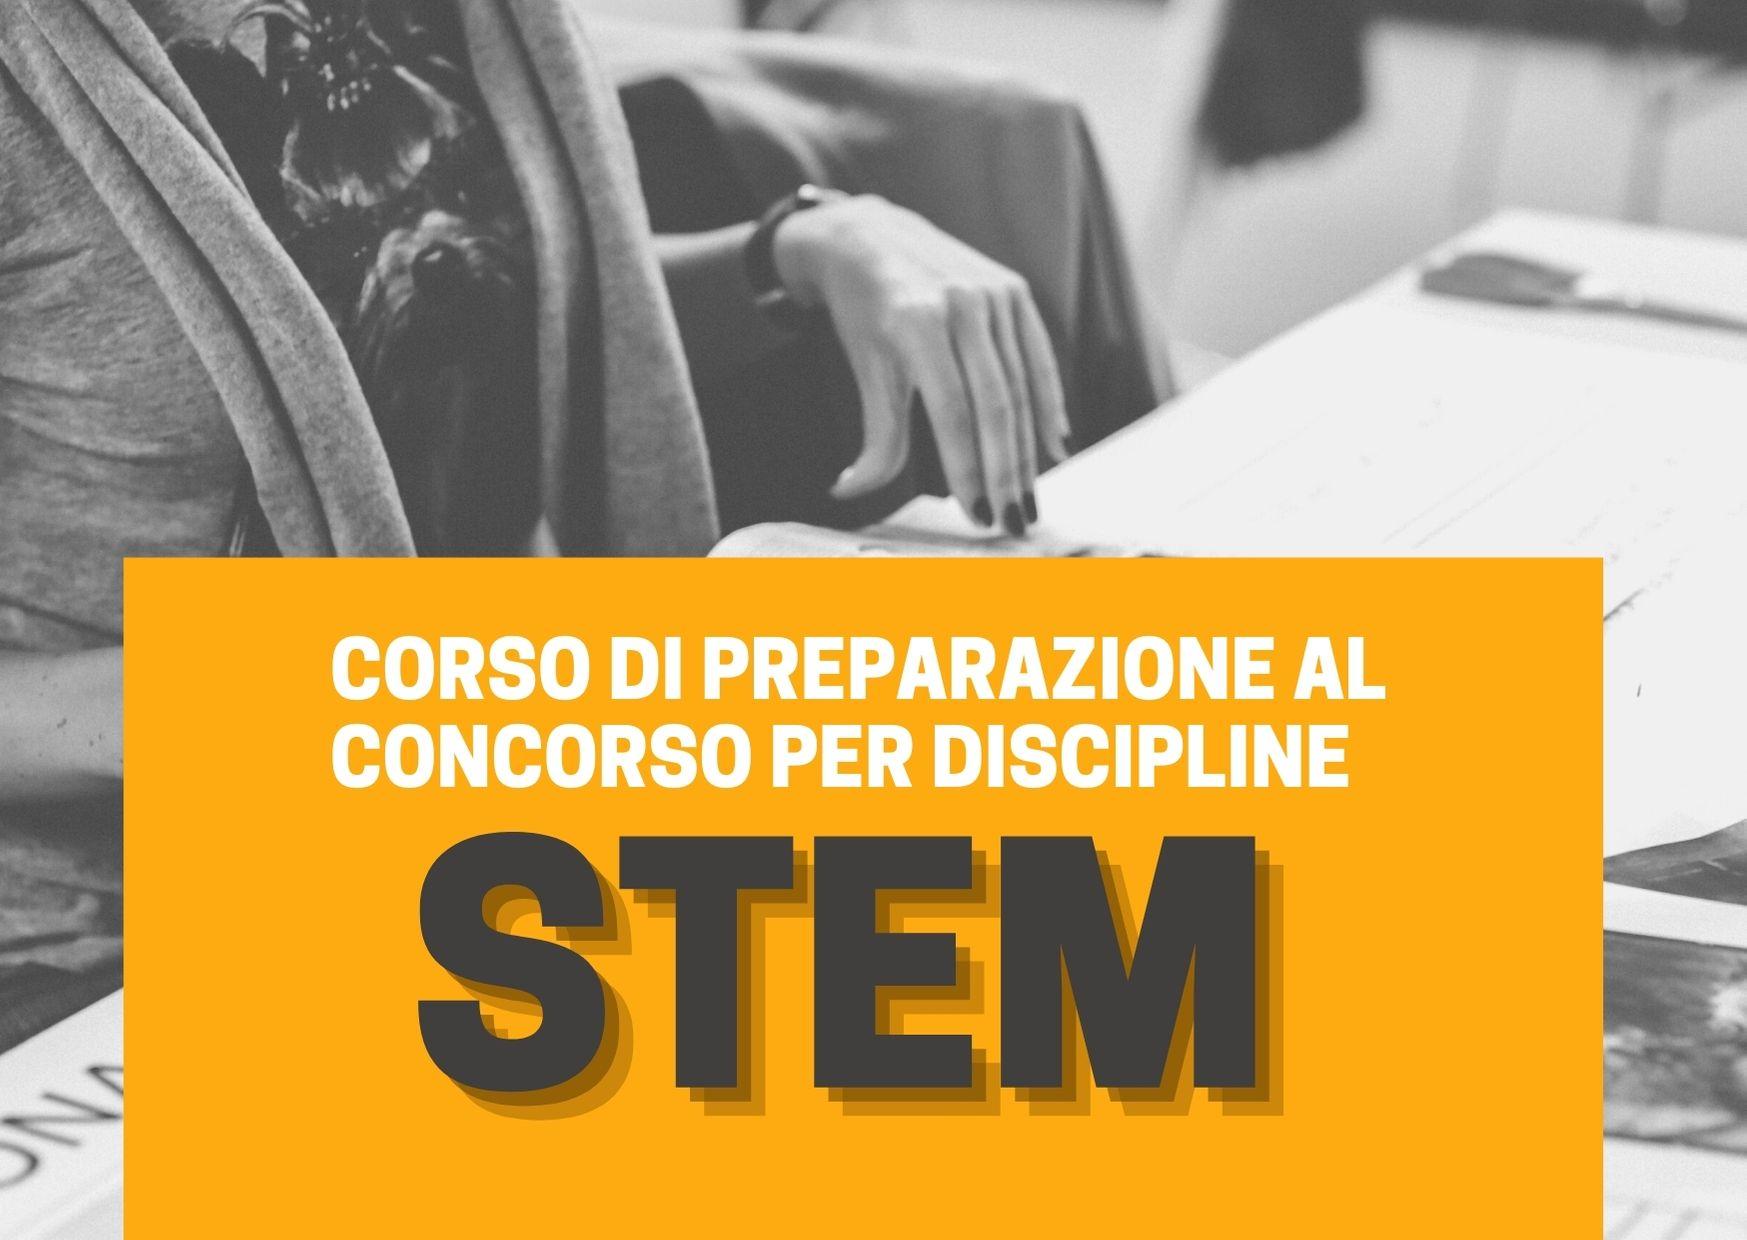 CORSO DI PREPARAZIONE AL CONCORSO ORDINARIO DI I E II GRADO PER LE DISCIPLINE STEM